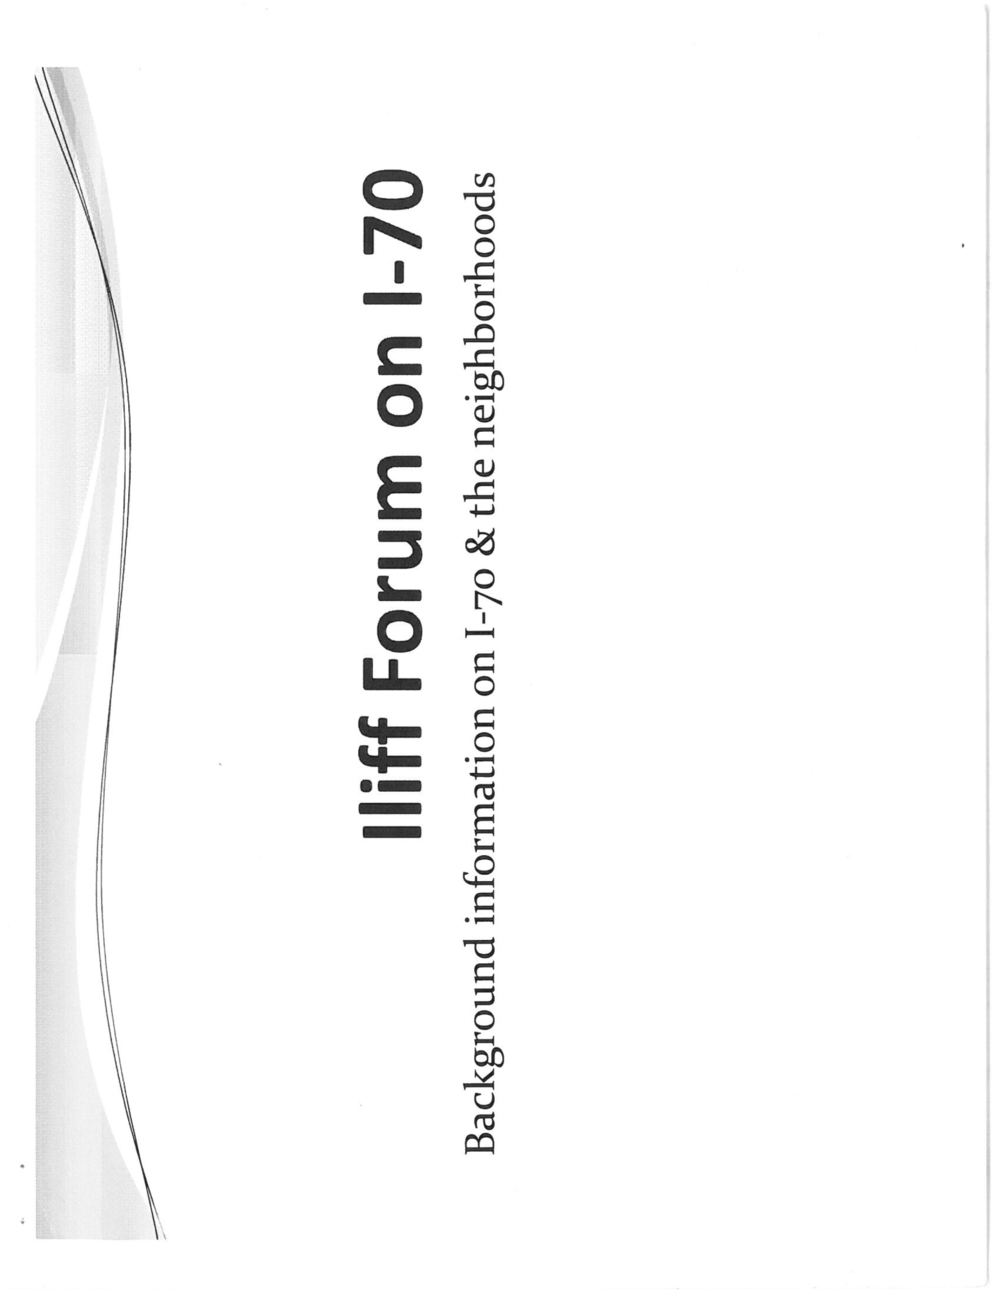 Iliff Forum on i-70